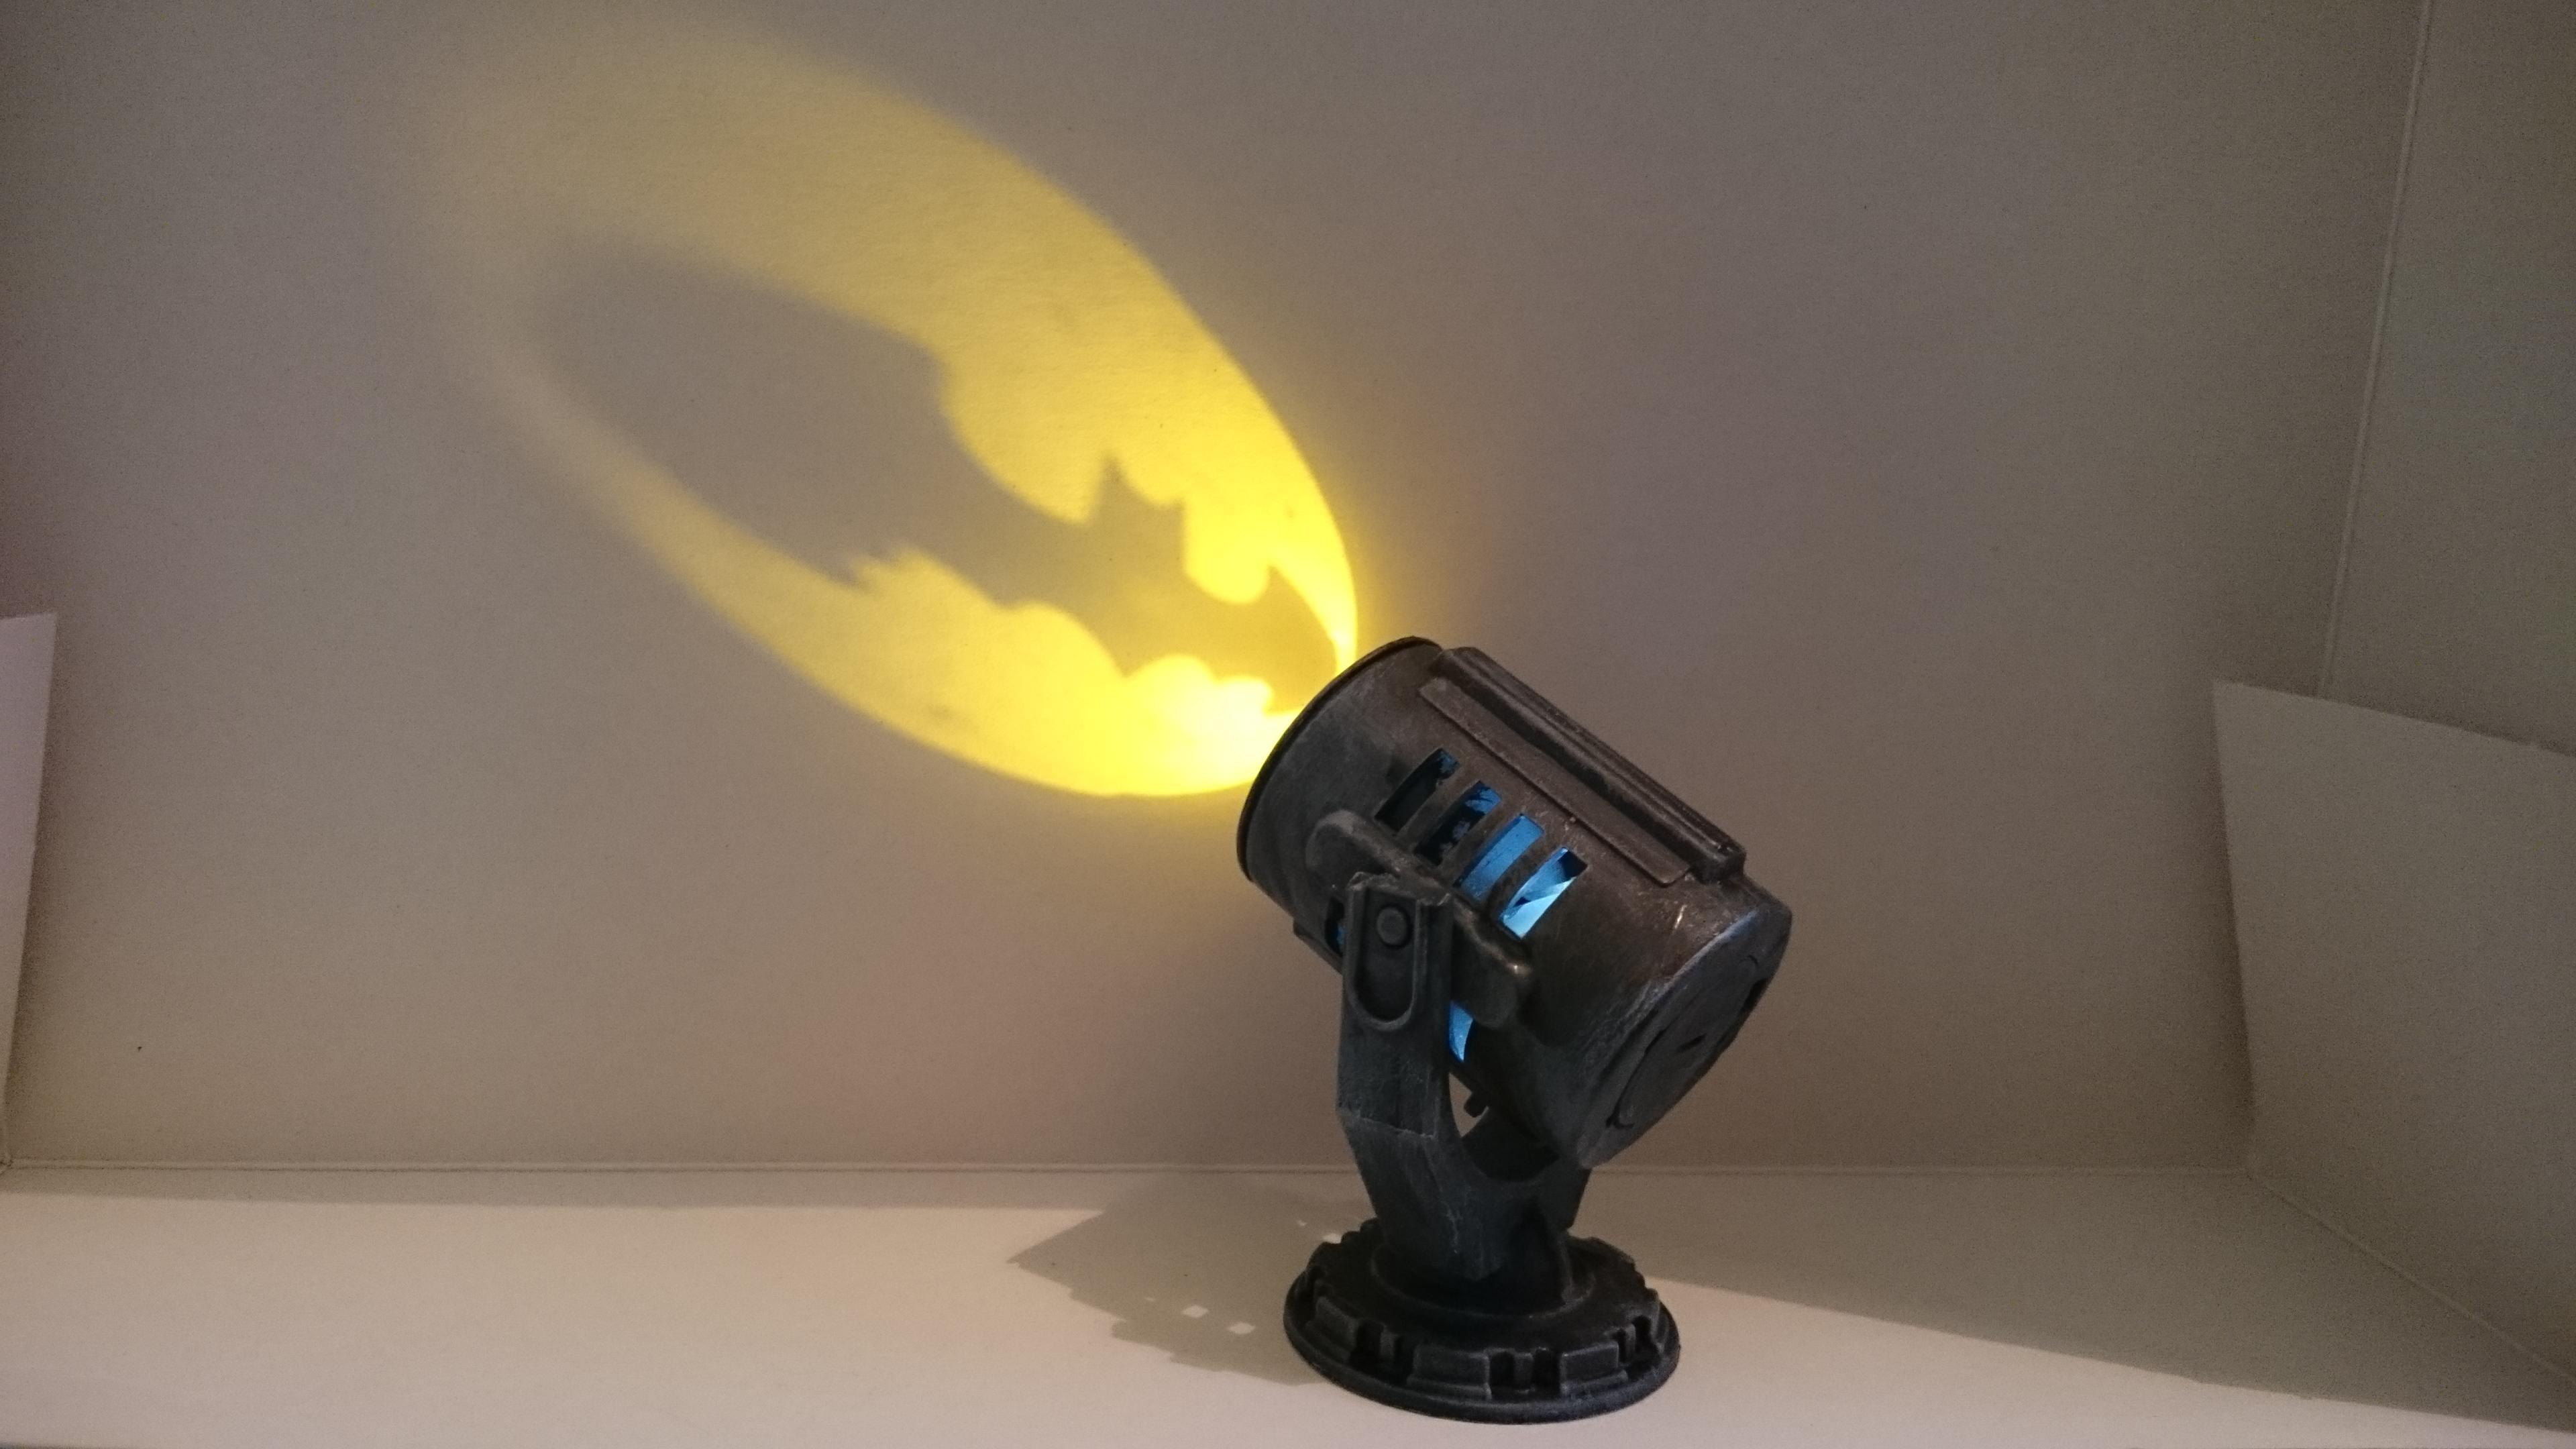 Batman, Batsignal, Bmg, Dcu, Dcumg, Illumination, Knight Models